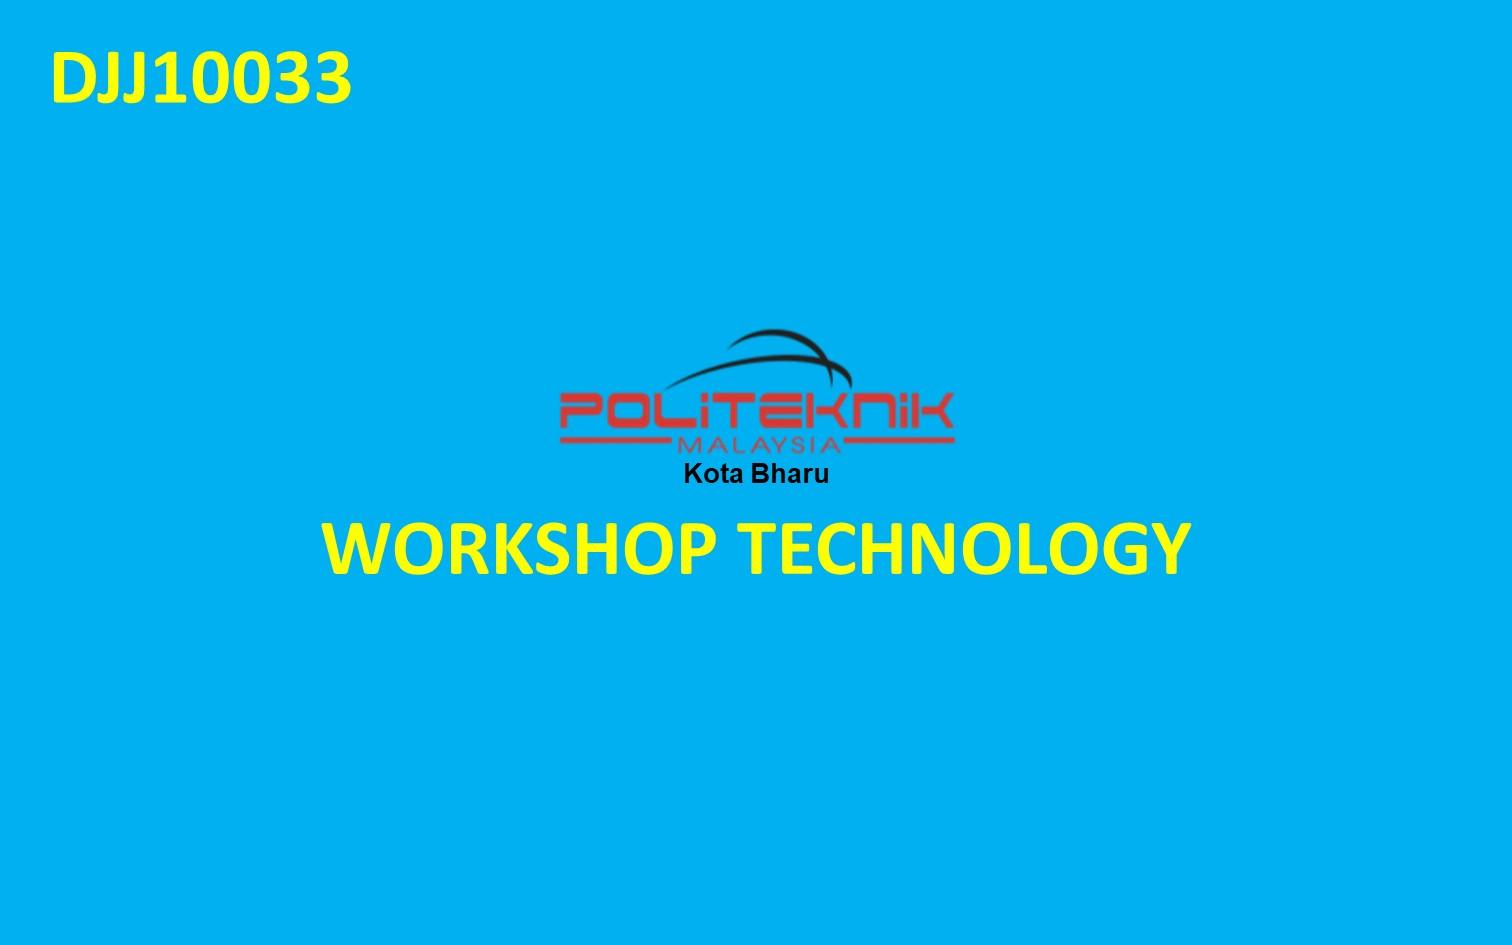 DJJ10033 WORKSHOP TEKNOLOGI